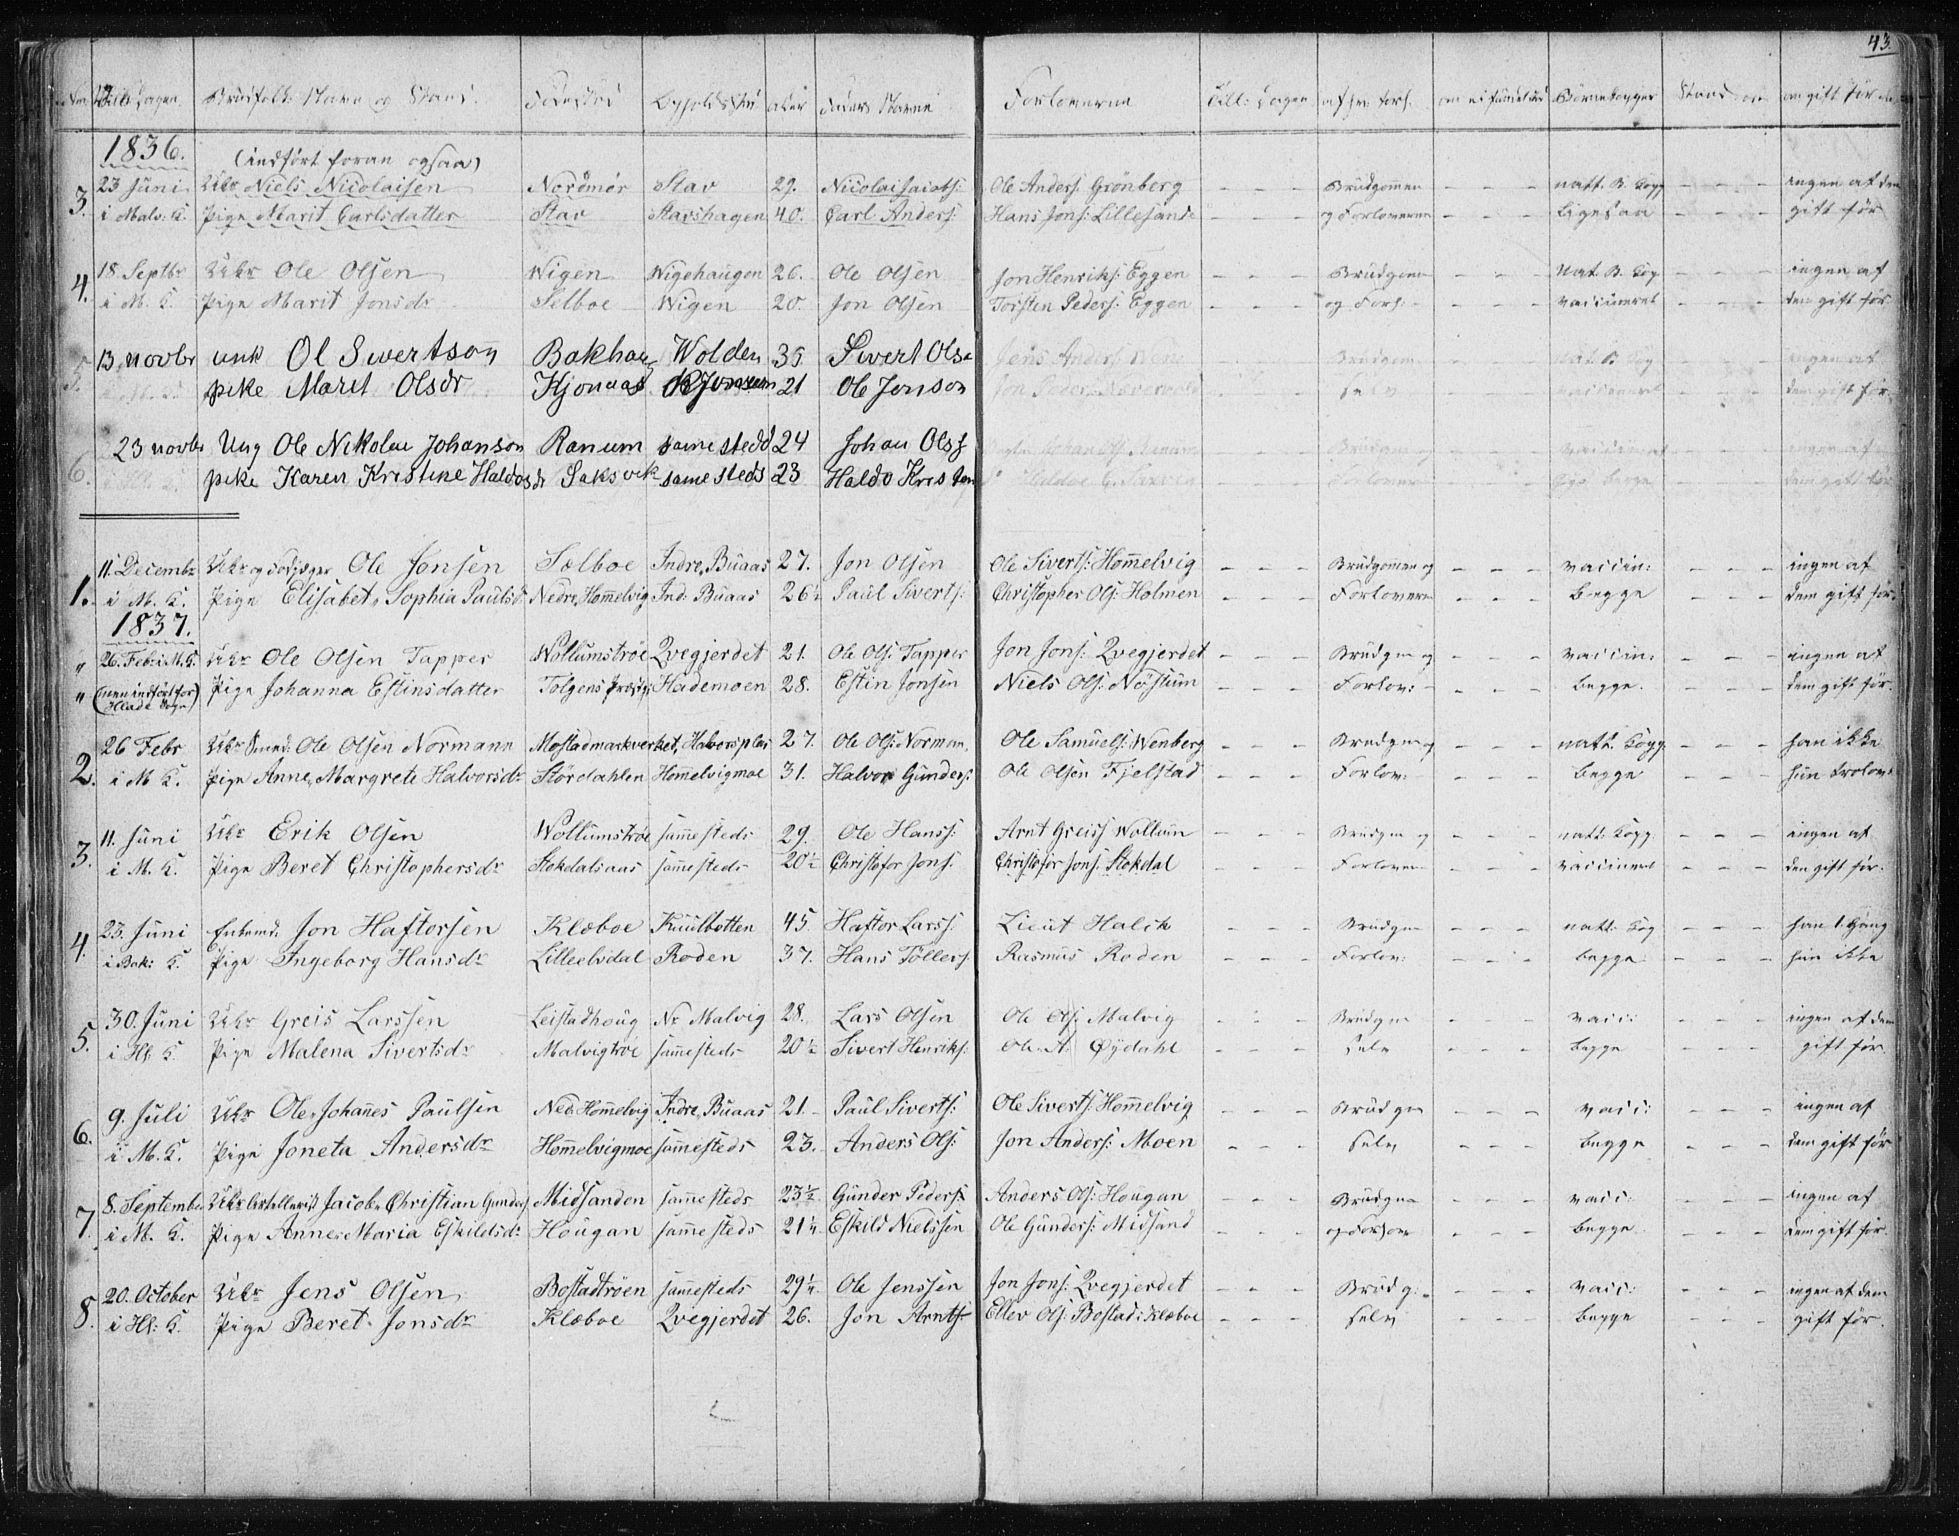 SAT, Ministerialprotokoller, klokkerbøker og fødselsregistre - Sør-Trøndelag, 616/L0405: Ministerialbok nr. 616A02, 1831-1842, s. 43